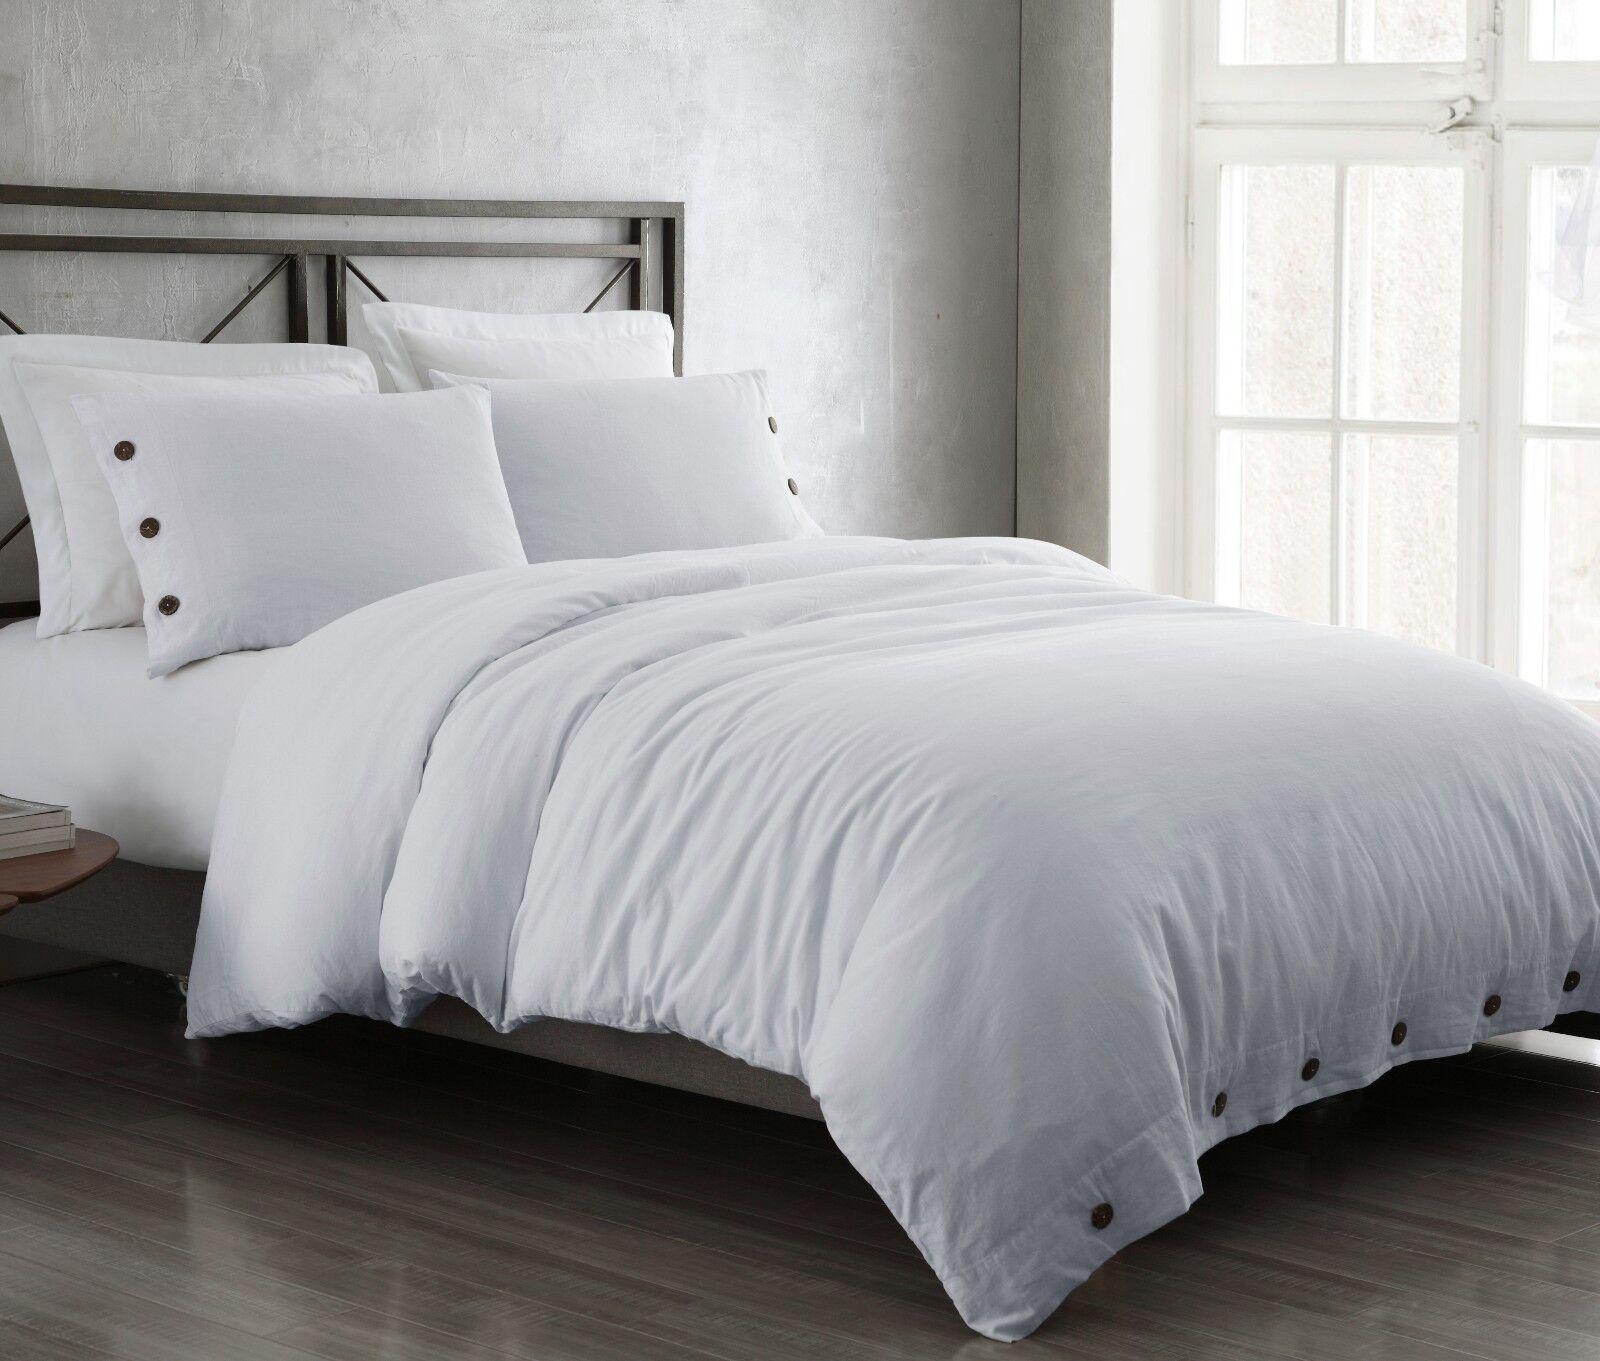 Reaction 3pc White Duvet Set Linen  Cotton Fabric Bedding Texture Bed Cover Set